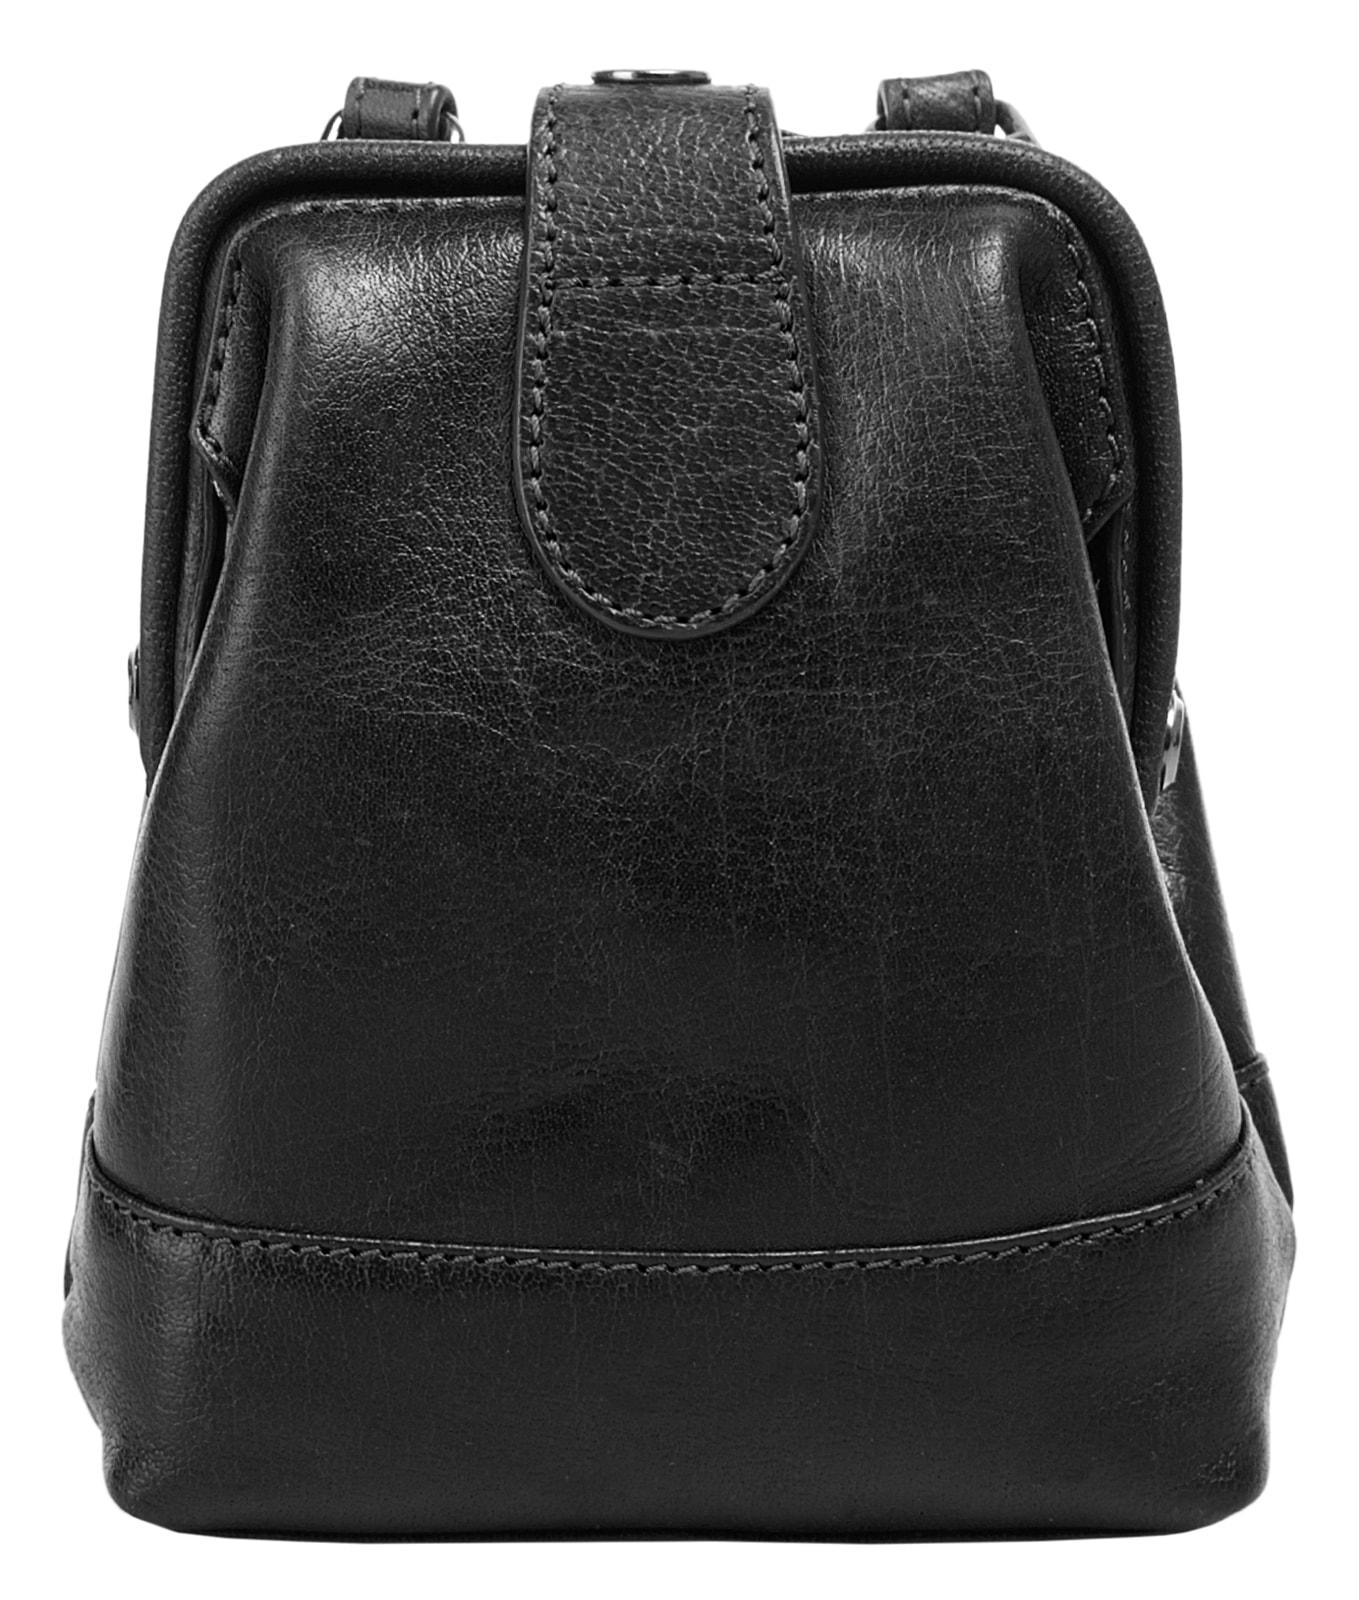 X-Zone Gürteltasche schwarz Damen Handtaschen Taschen